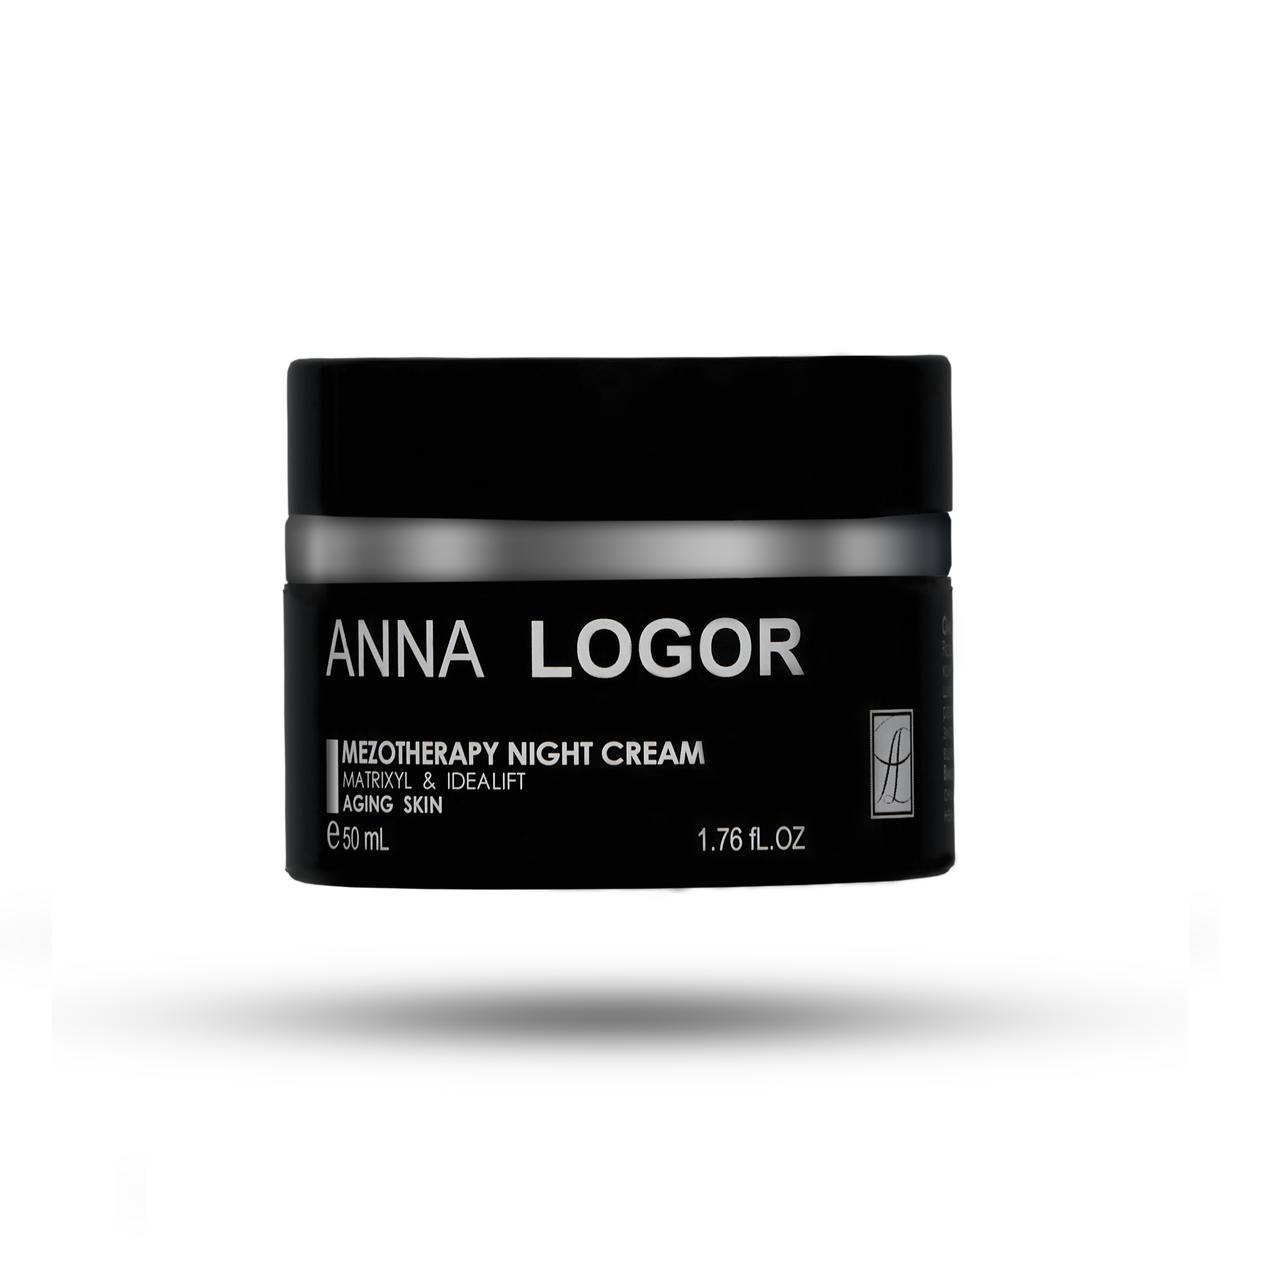 Омолоджуючий нічний крем Анна Логор / Anna Logor Mezotherapy Night Crem 50ml Код 504